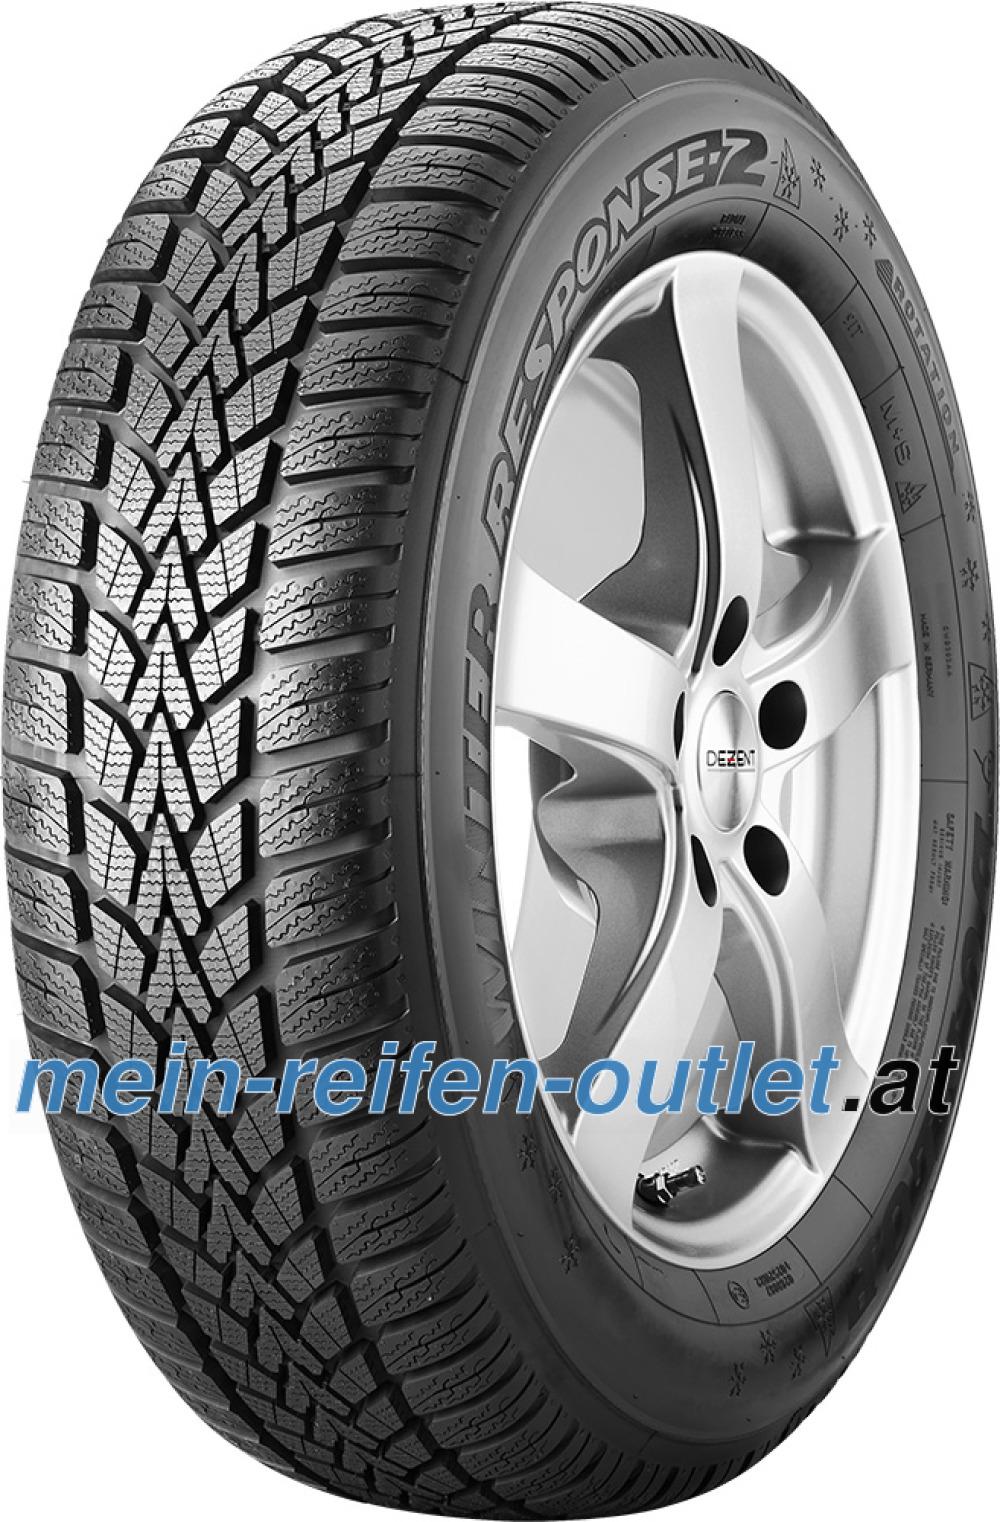 Dunlop SP Winter Response 2 ( 185/60 R15 88T XL )